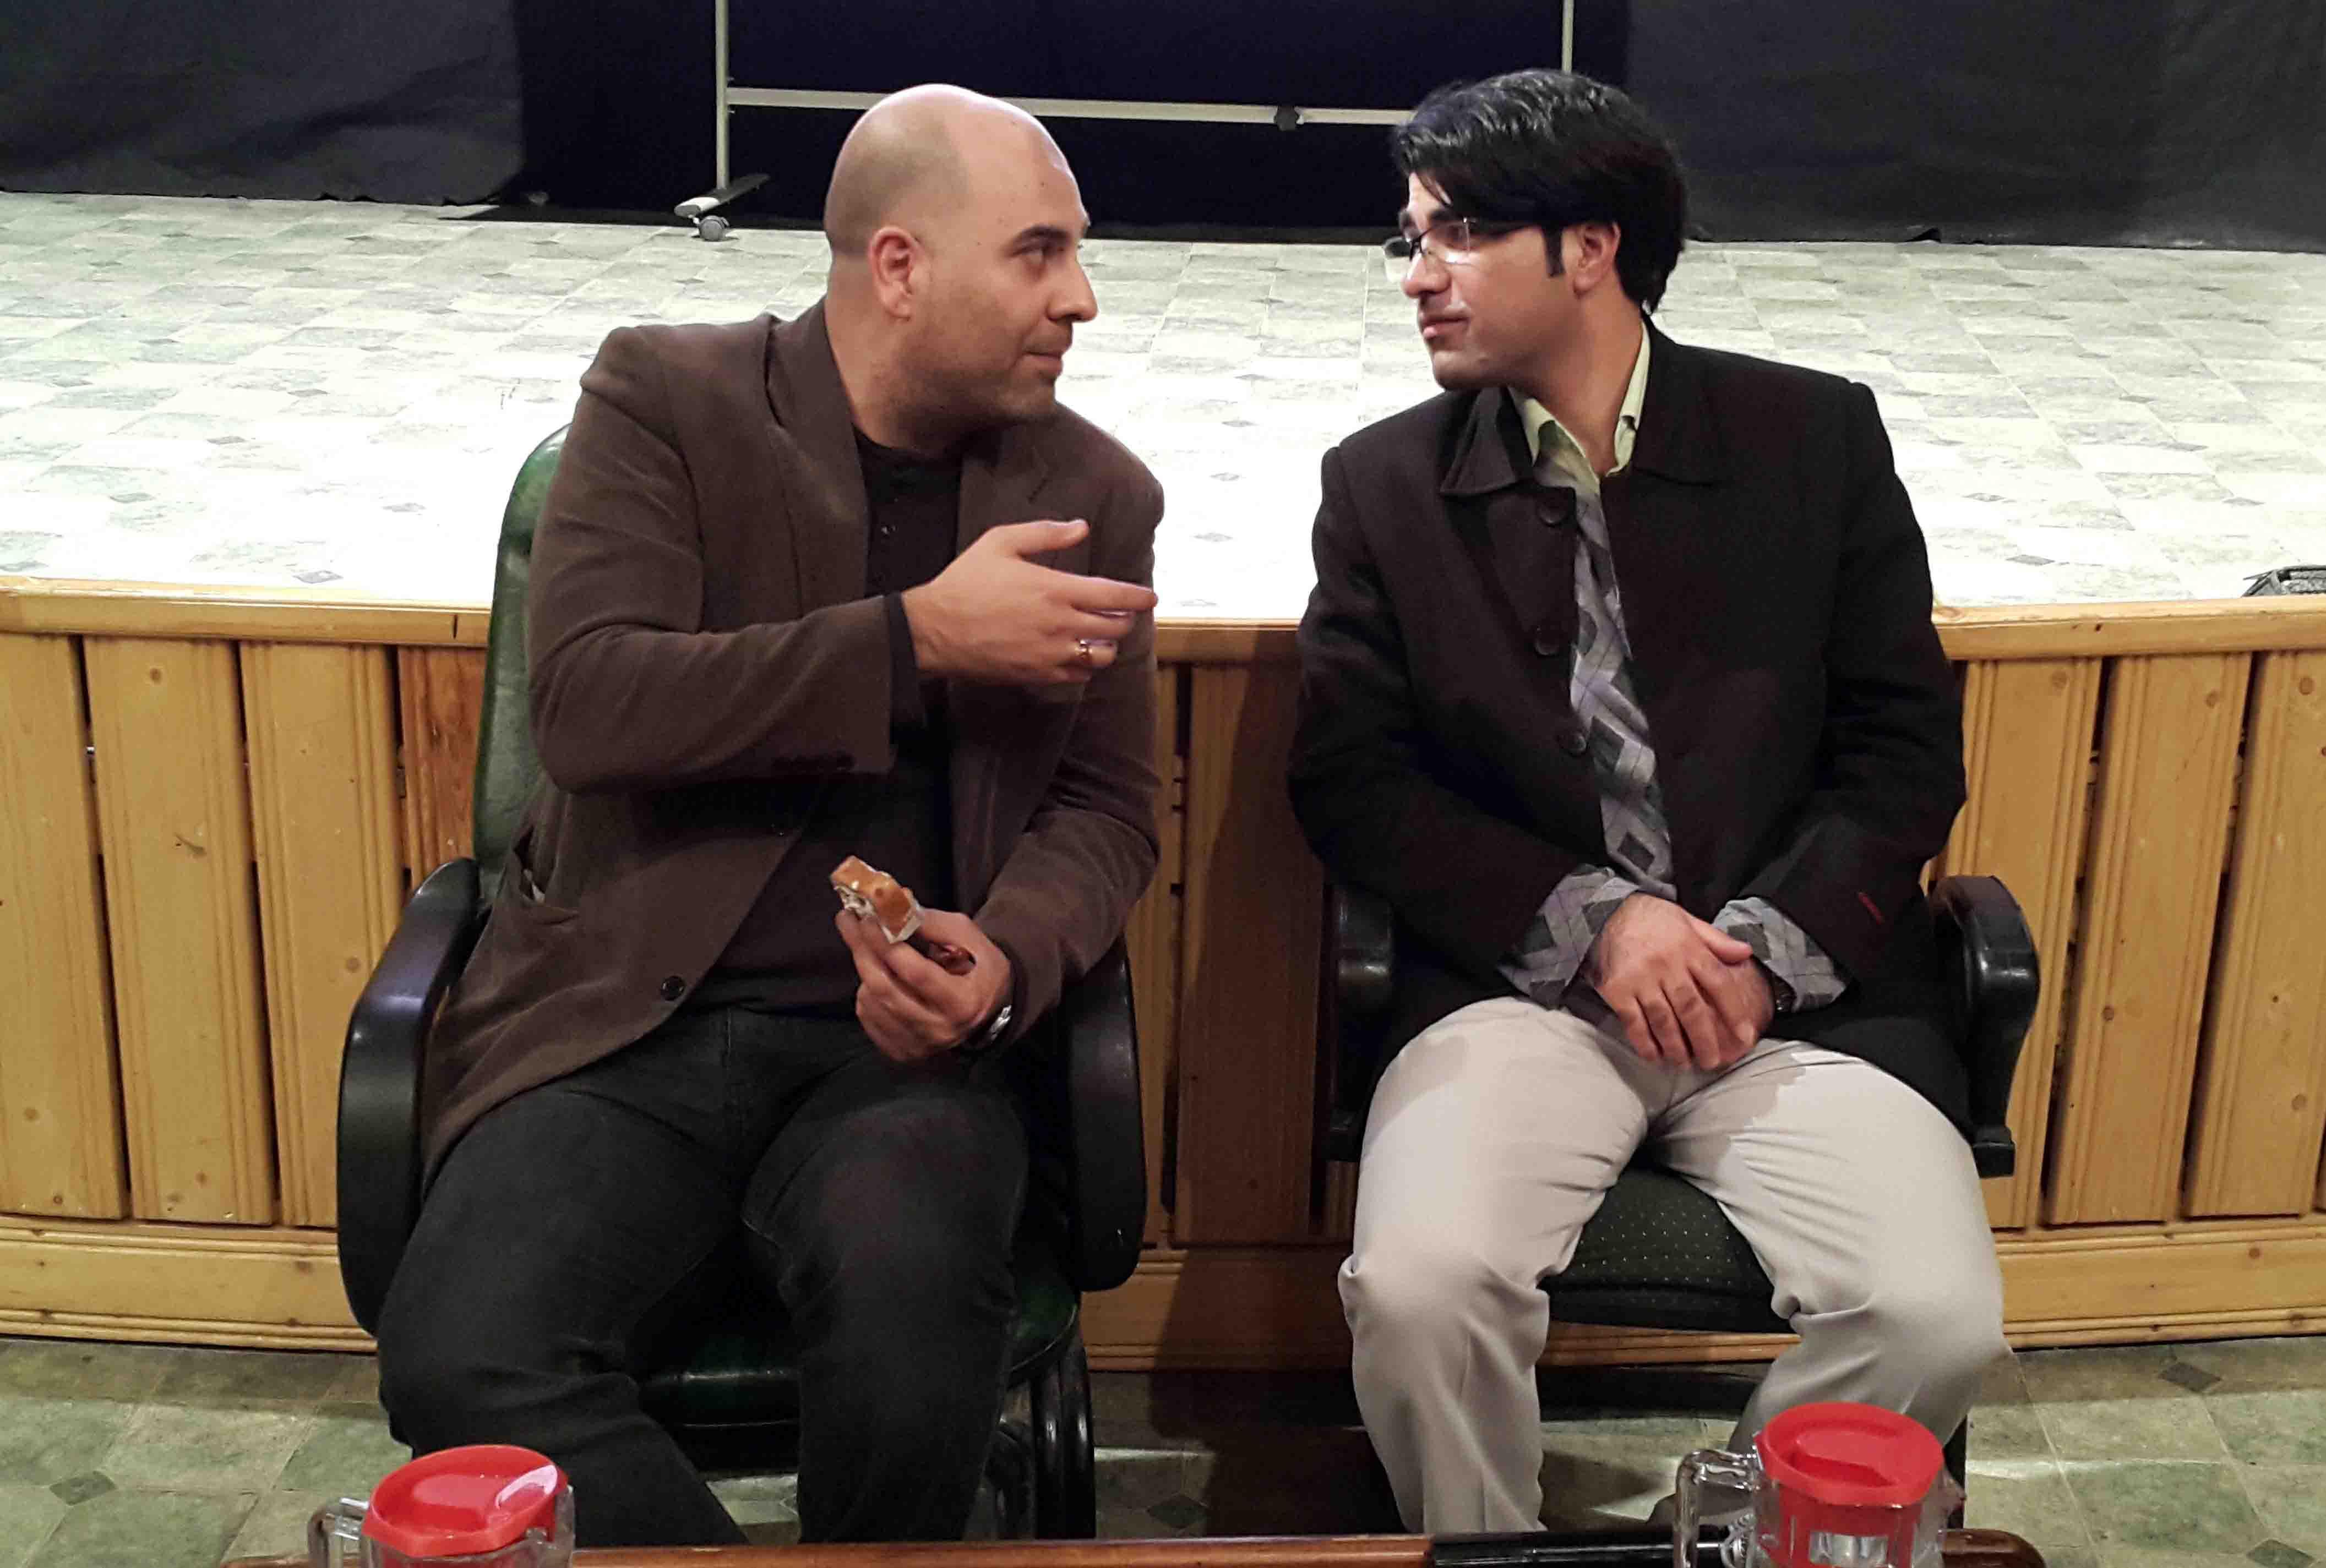 سید مرتضی سبزقبا و سعید قطبی زاده در هفته ی باشگاه فیلم موسسه ی شهید آوینی